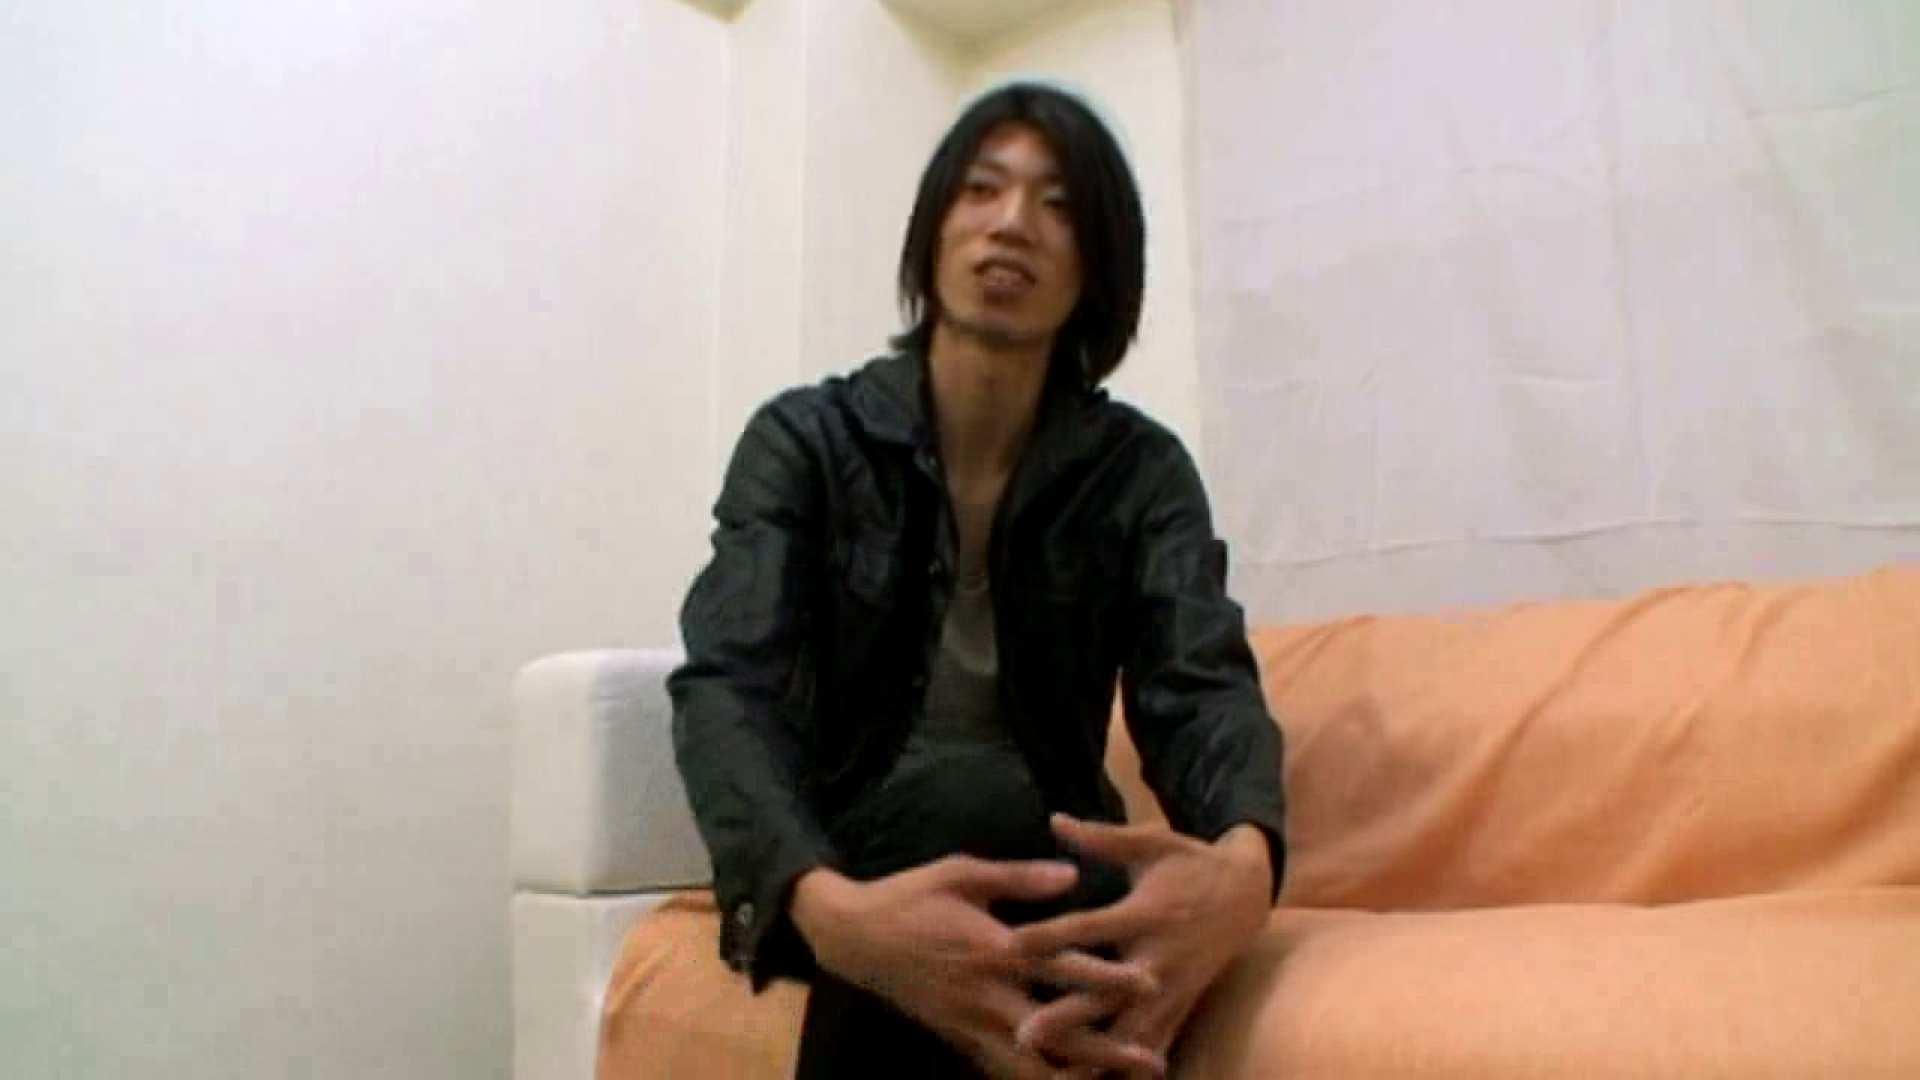 ノンケ!自慰スタジオ No.36 ハメ撮り放出 | 無修正 ゲイエロビデオ画像 101pic 33